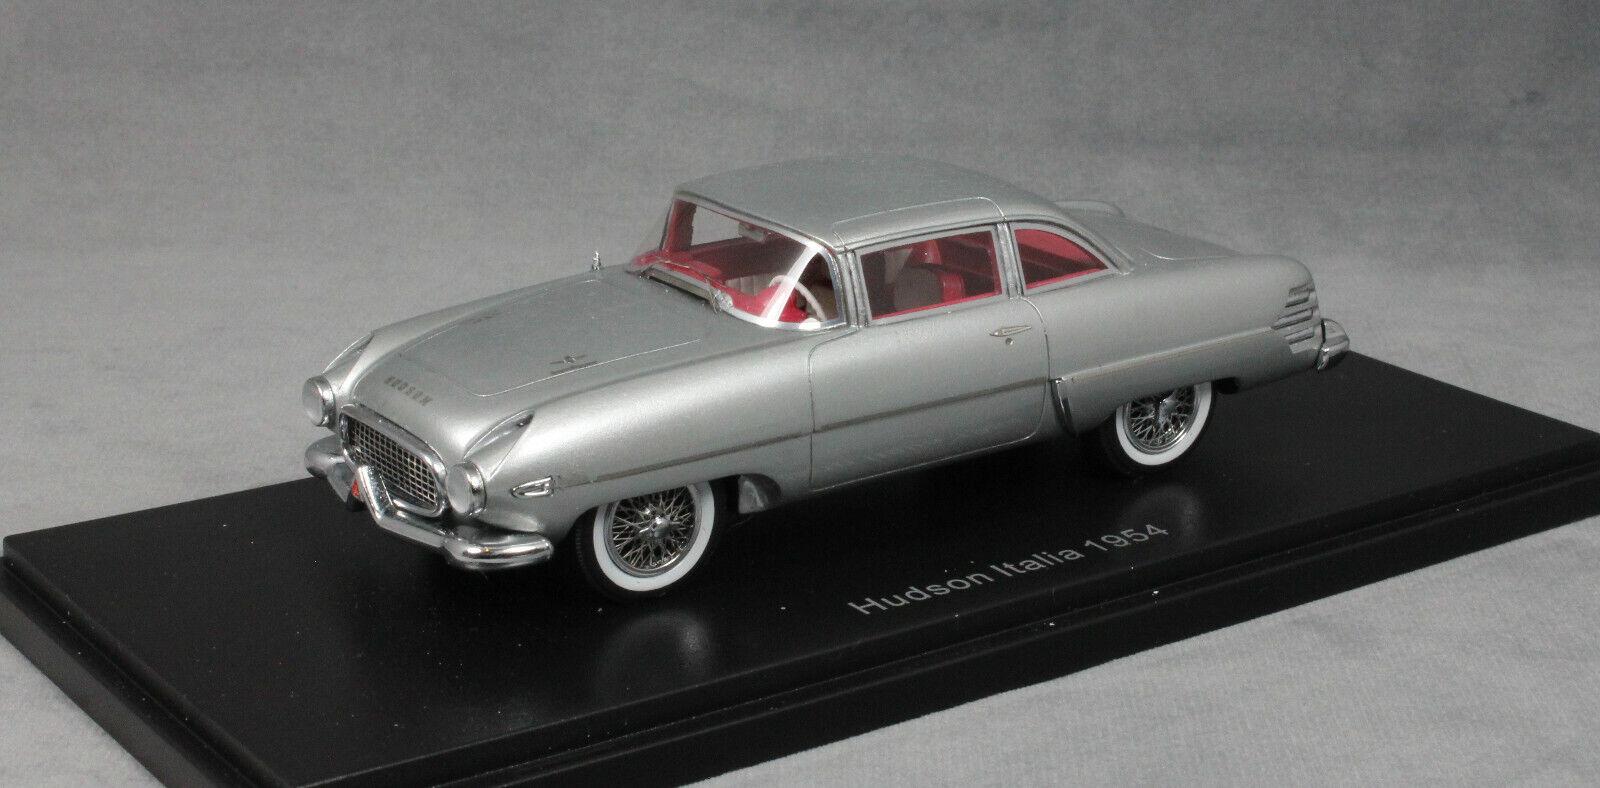 Neo Models Hudson Italia En argento 1954 45860 1 43 Nuevo